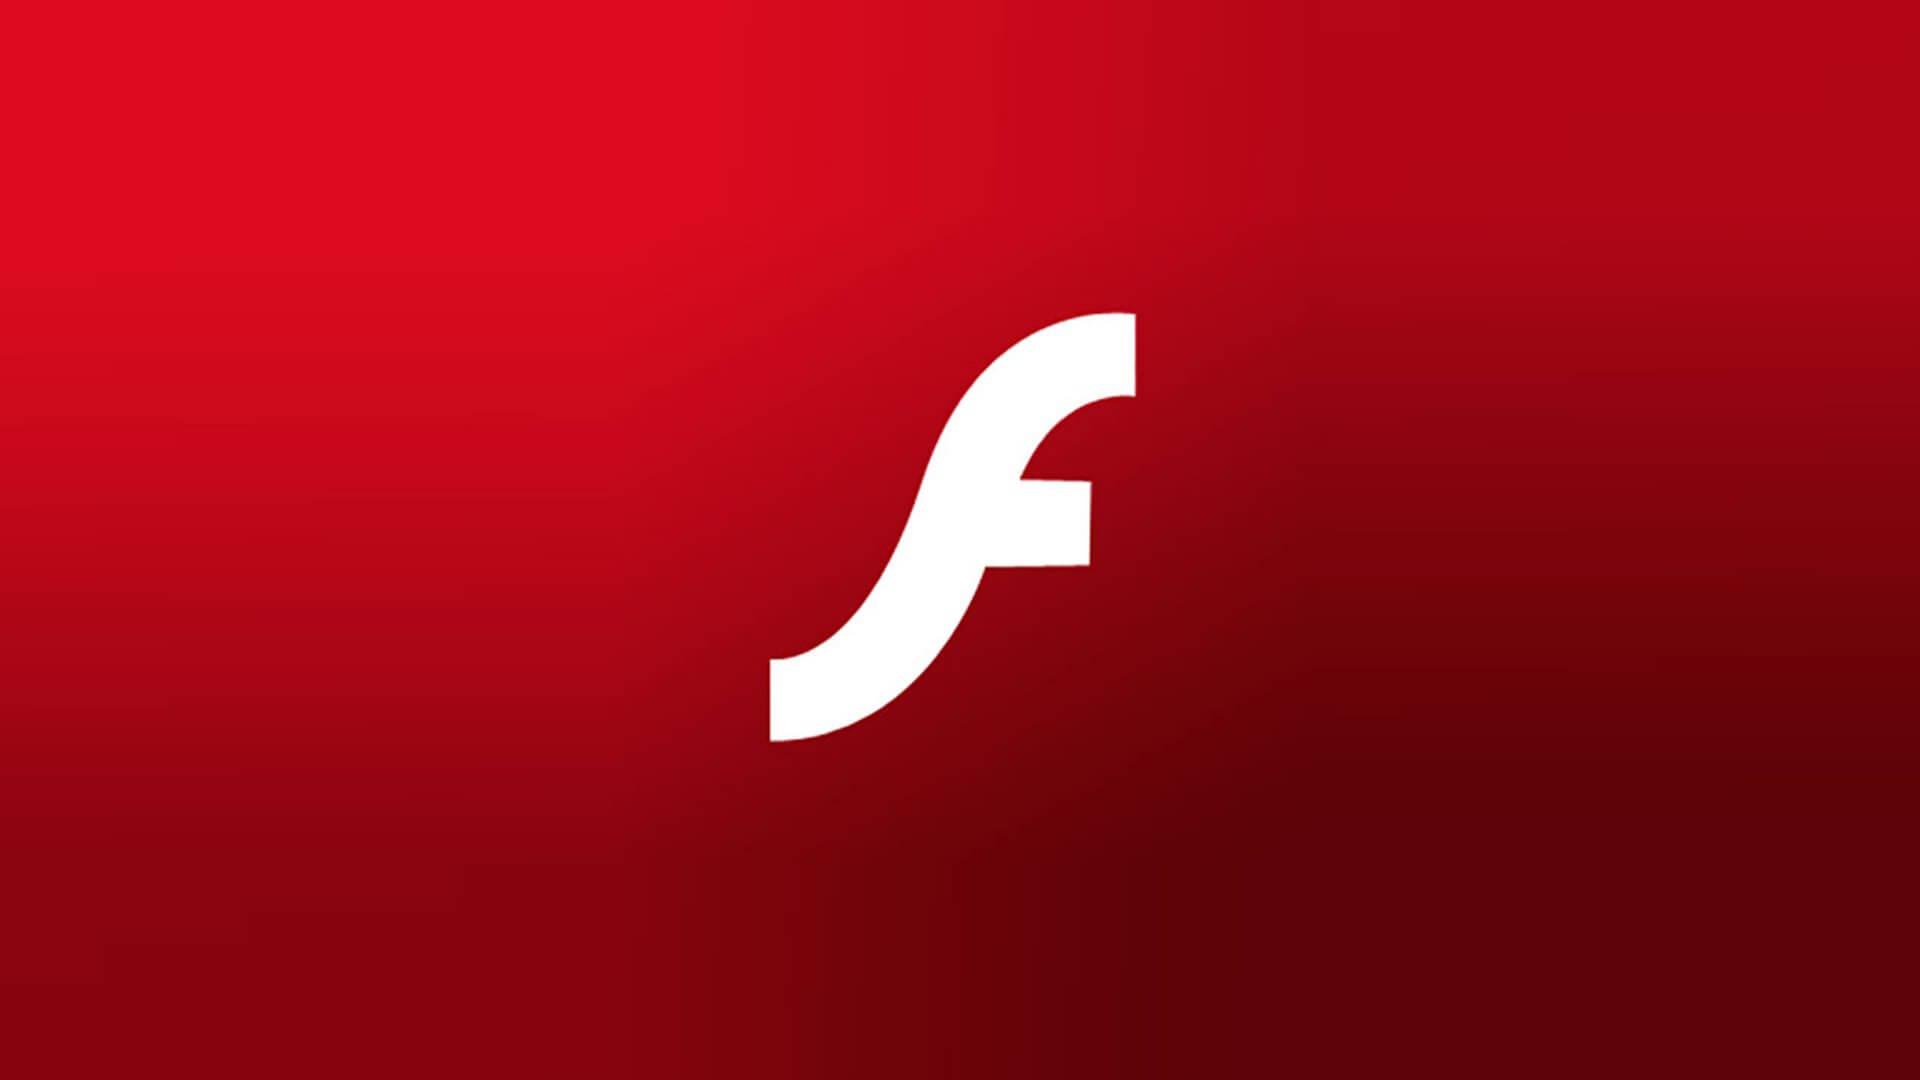 ¿Cuándo será el fin de Flash? Adobe anunció la fecha